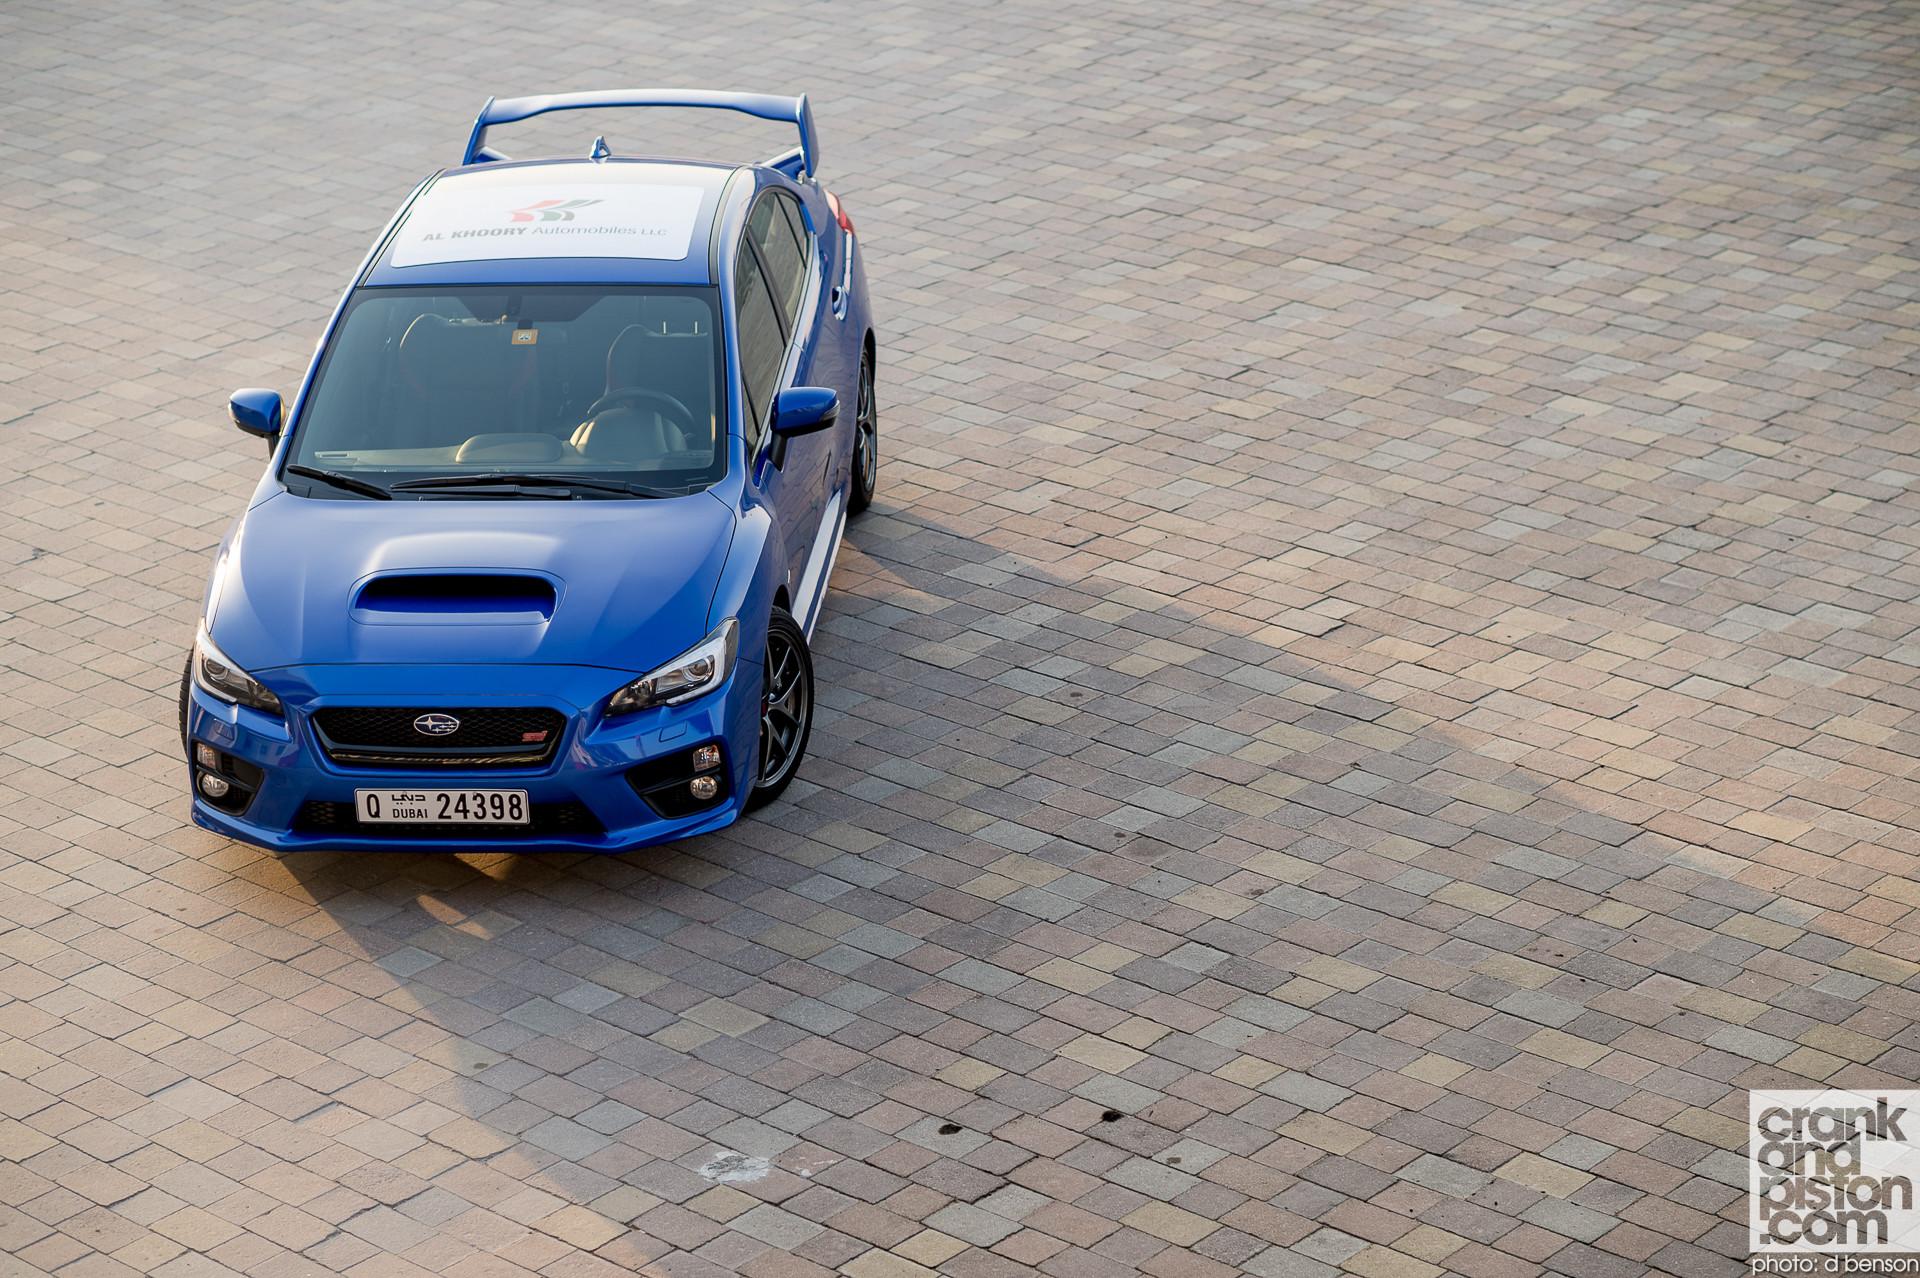 2560x1440 Subaru Wrx Jdm Sti Cars Hd Wallpaper   Cars Vehicles Jdm  Wallpaper. Download